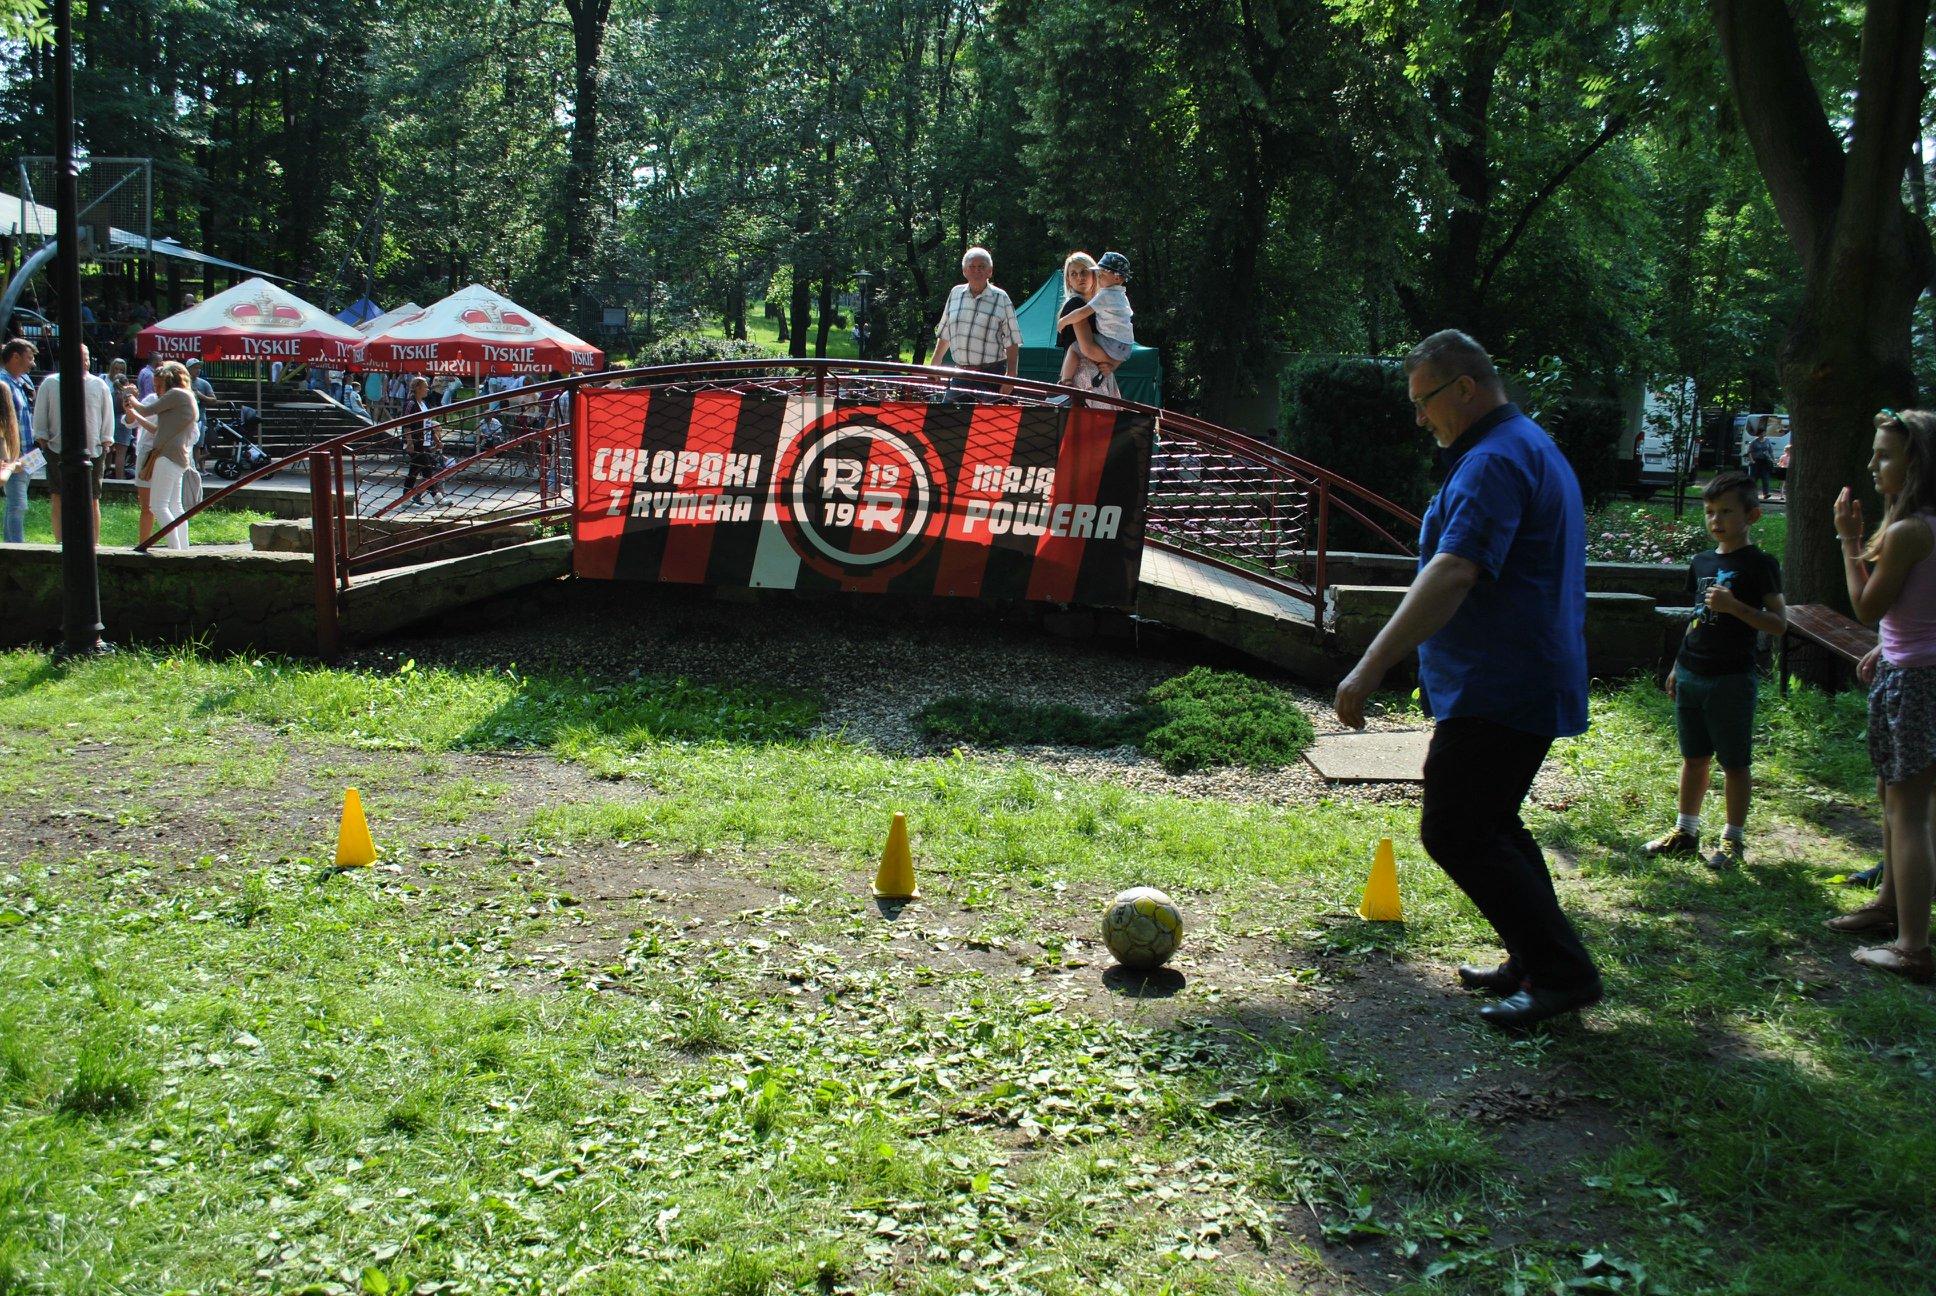 Marian Wolny Dyrektor Domu Kultury próbuje swoich sił w konkurencji celność strzałów